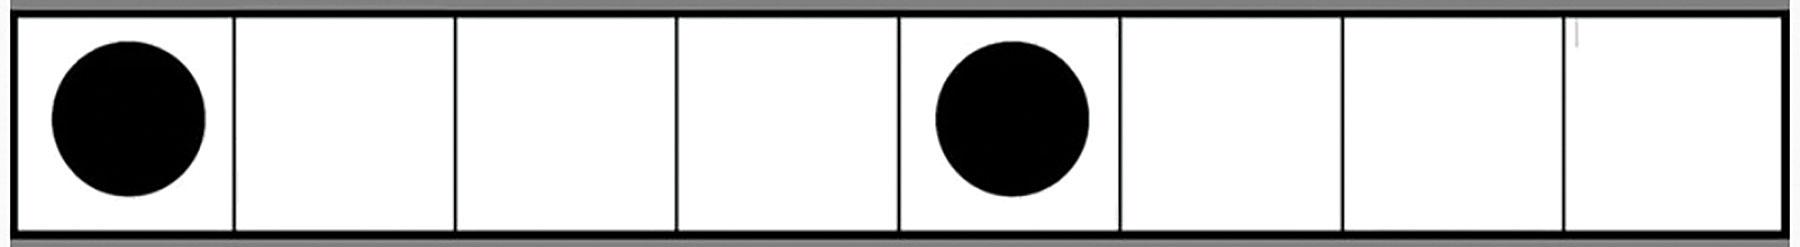 Meespeelpartituur afbeelding drumritme 1